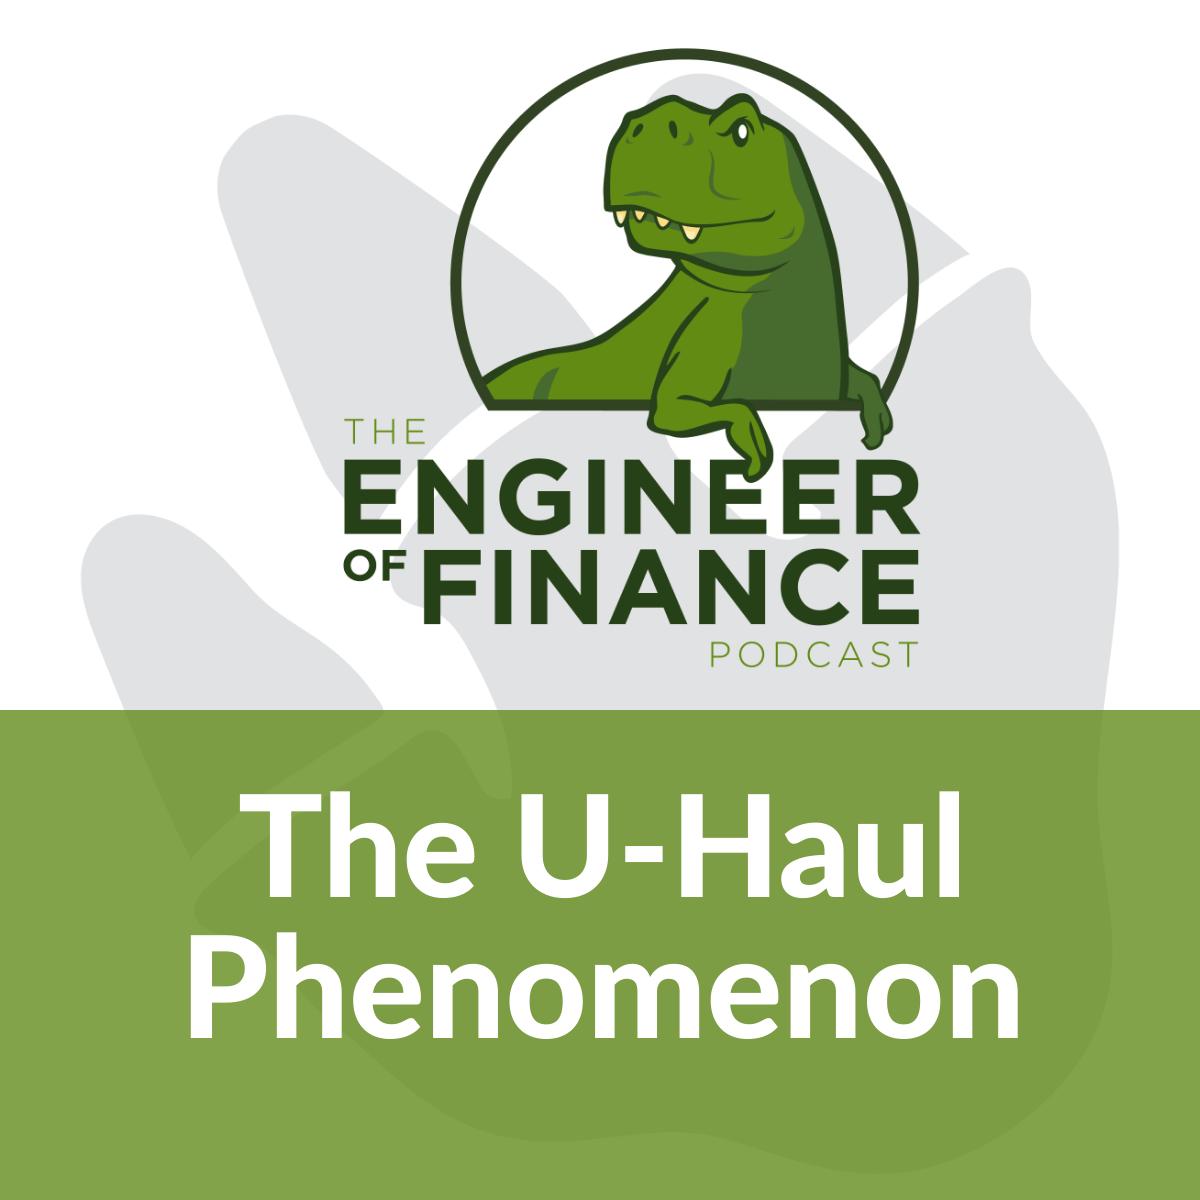 The U-Haul Phenomenon – Episode 135